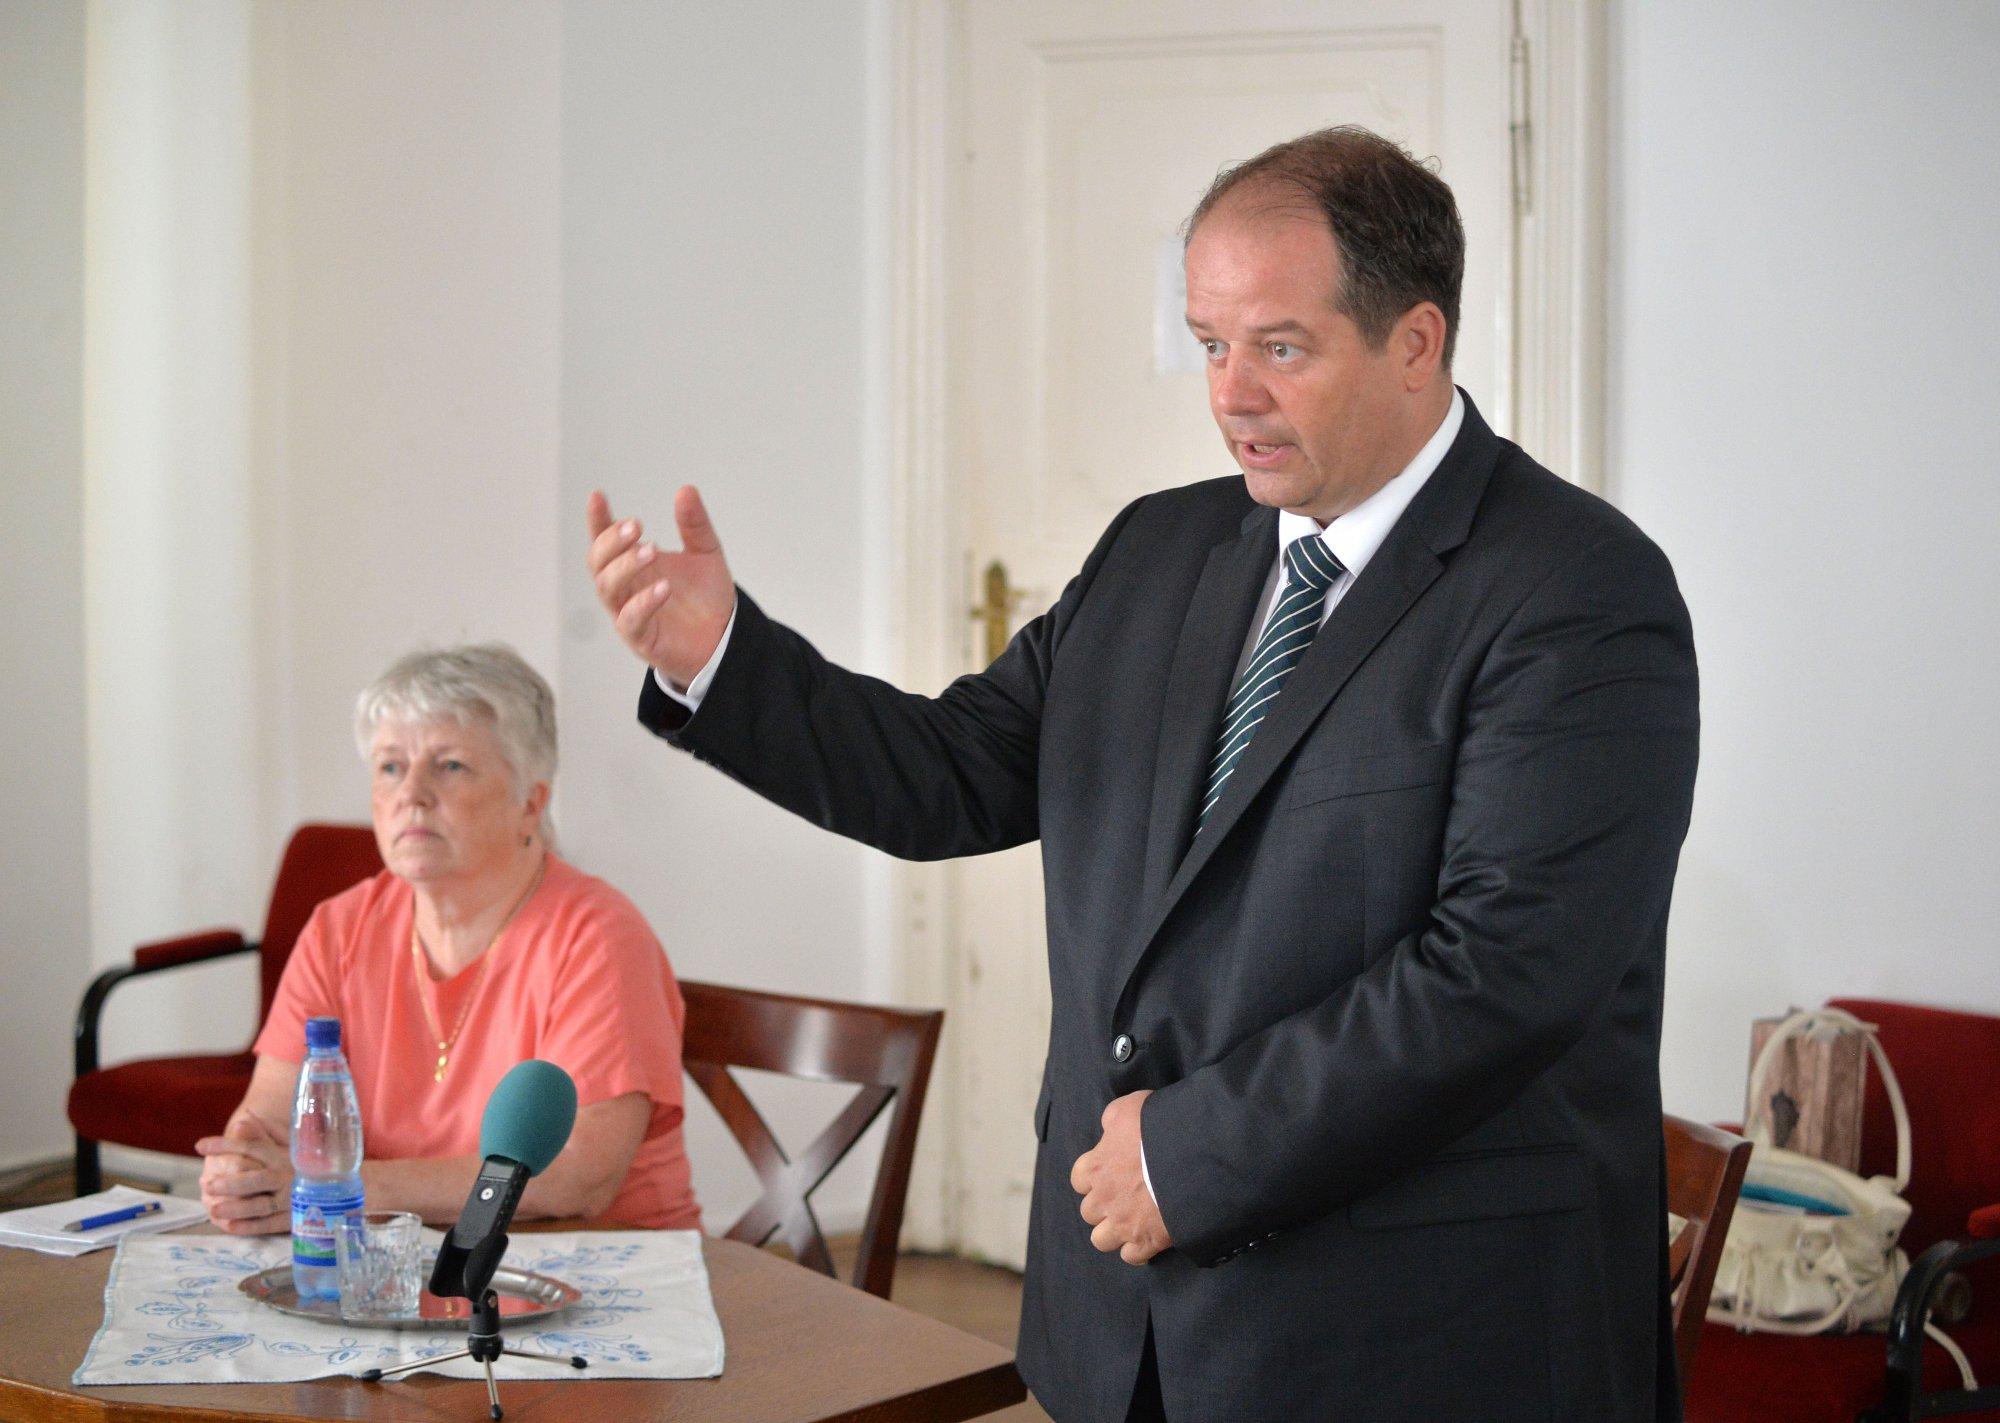 Sok kérdésre adott választ Újbuda polgármestere